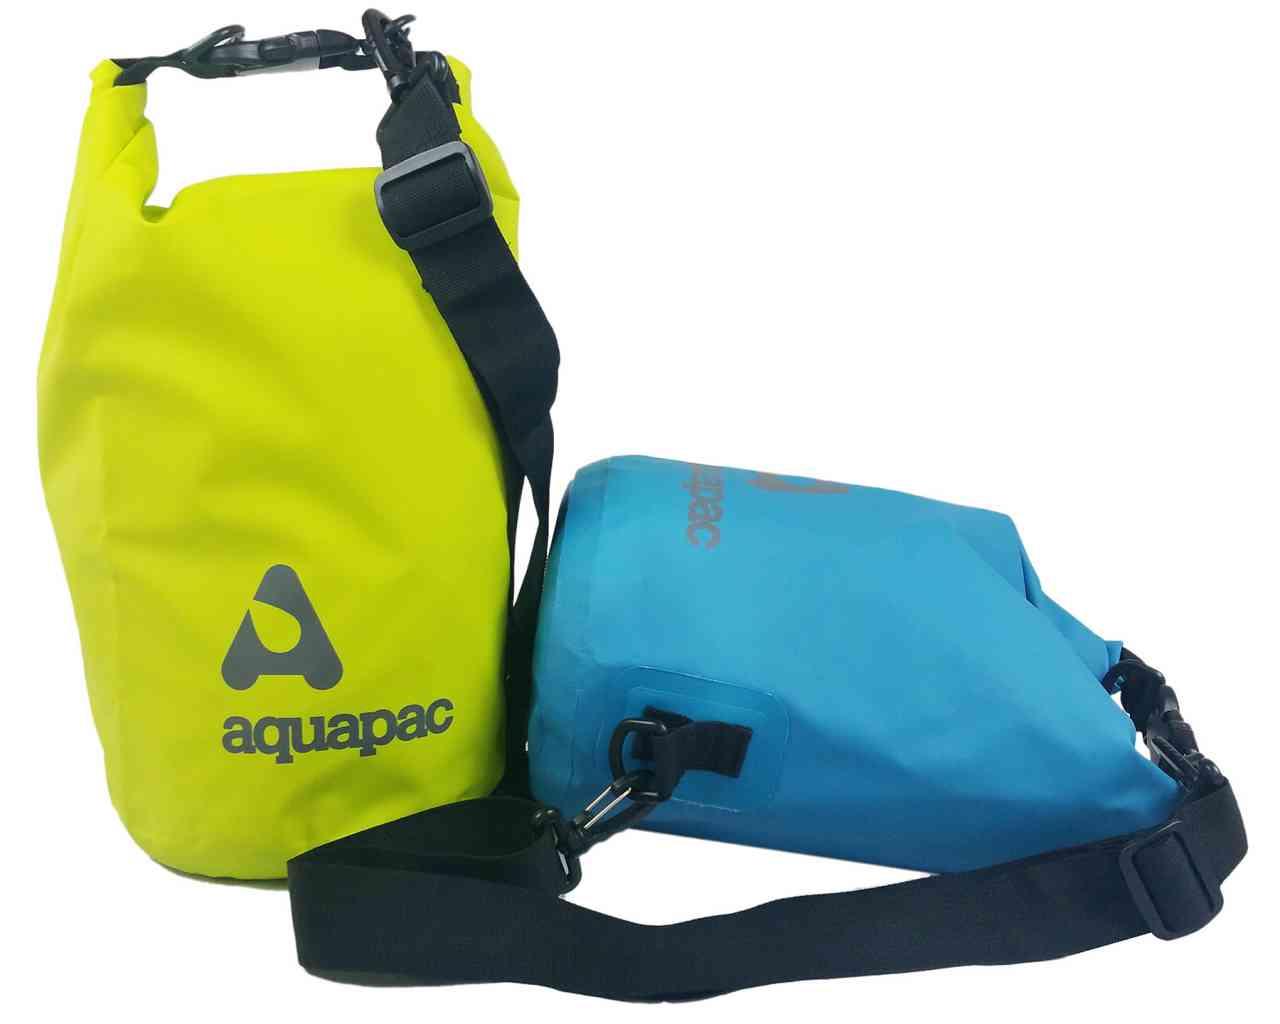 Водонепроницаемый гермомешок (с плечевым ремнем) Aquapac 732 - TrailProof™ Drybag – 7L with shoulder strap.. Aquapac - №1 в мире водонепроницаемых чехлов и сумок. Фото 1